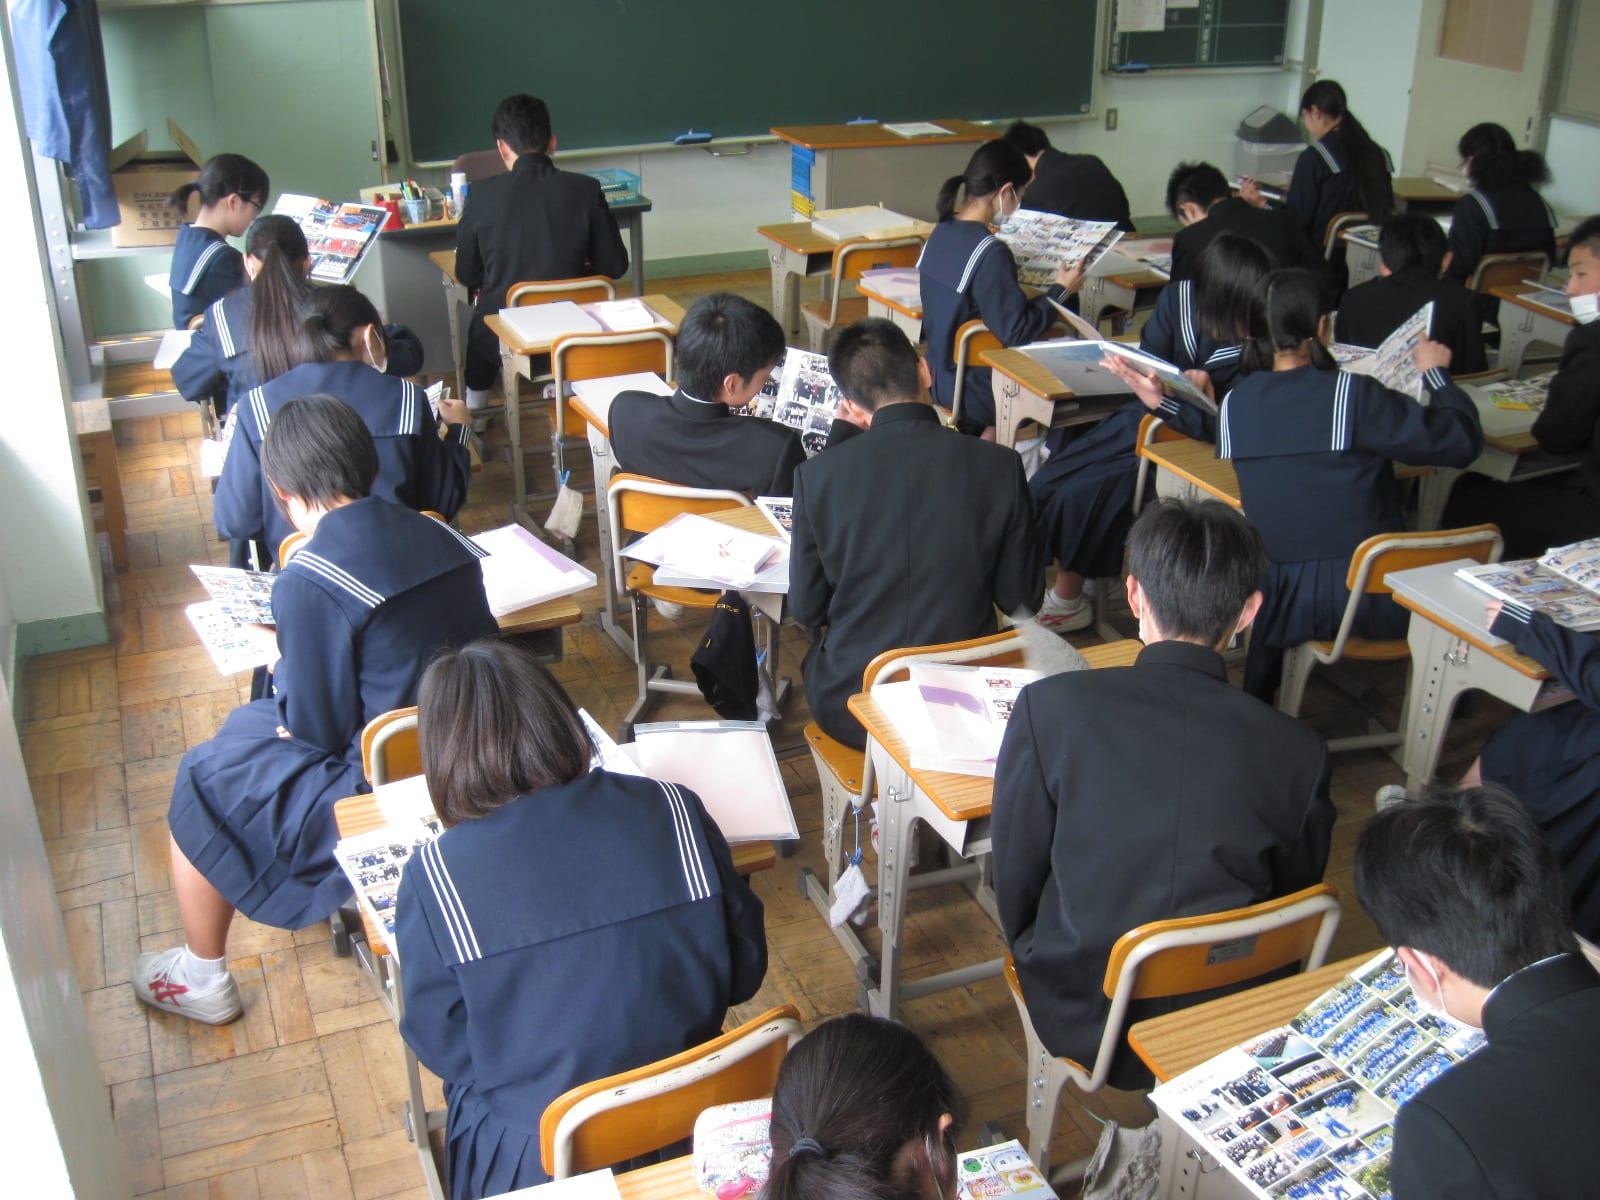 卒業アルバム - こんにちは!浜松市立曳馬中学校のブログです♪